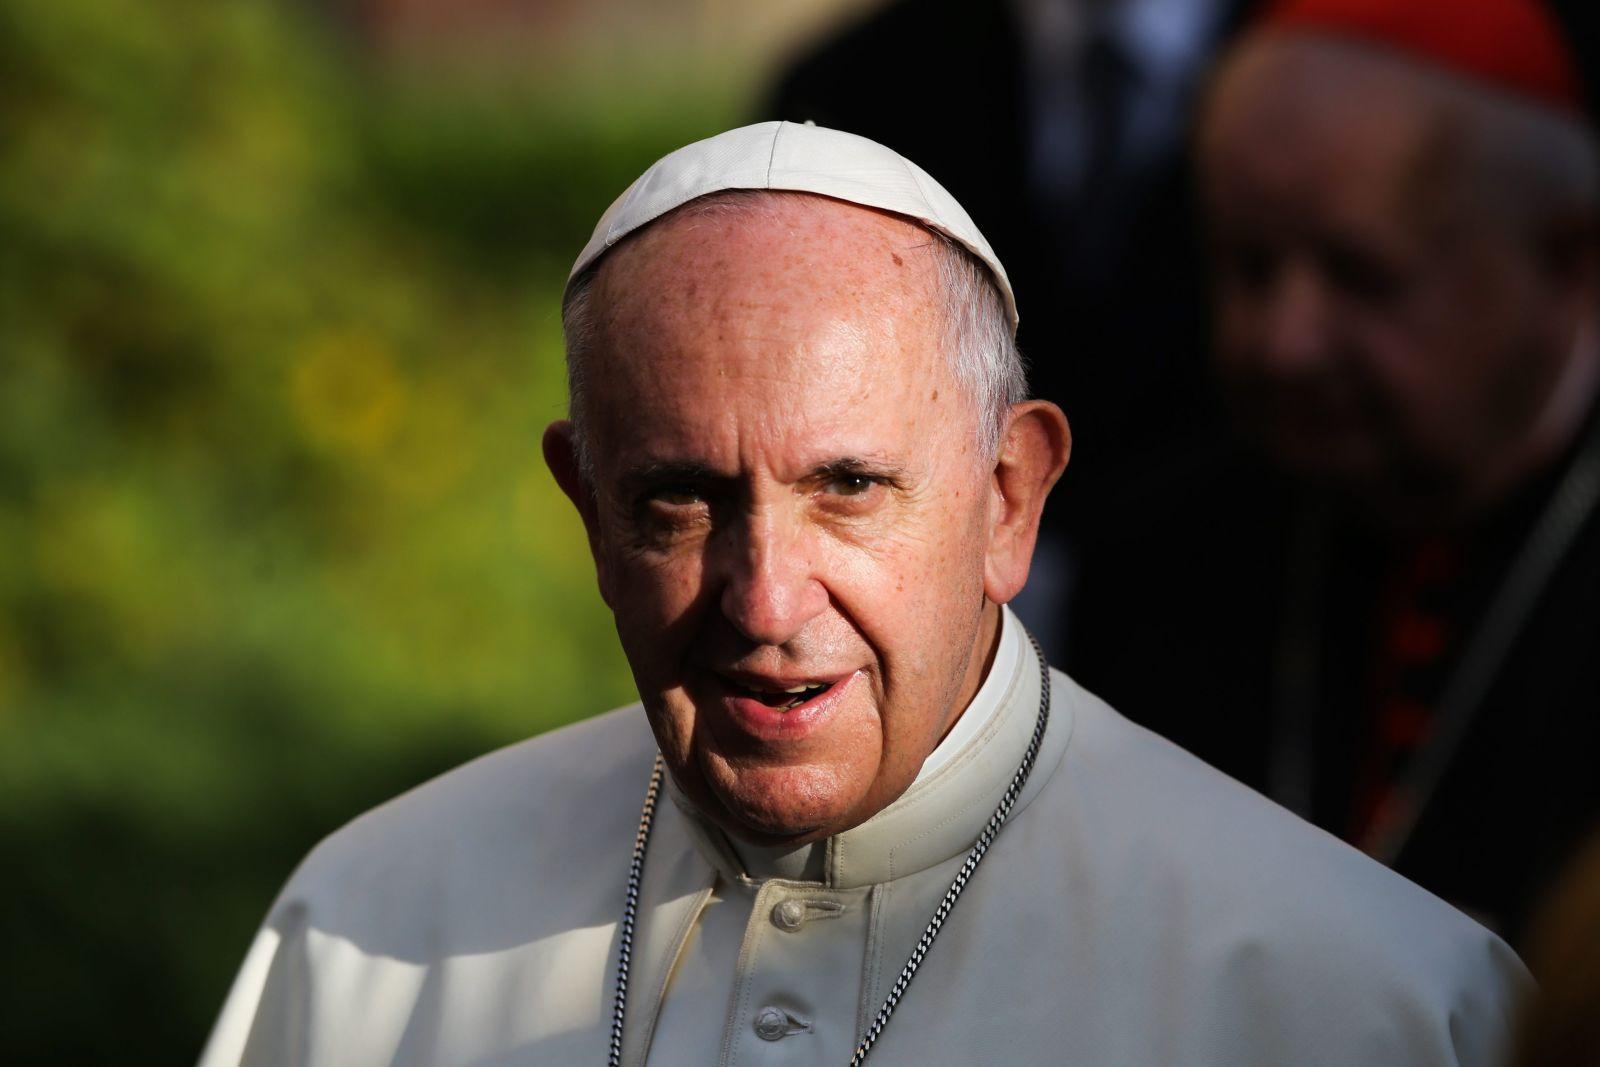 {30.07.2016 Krakow , ul. Franciszkanska . Papiez Franciszek w drodze do Brzegow .Fot. Jakub Porzycki / Agencja Gazeta